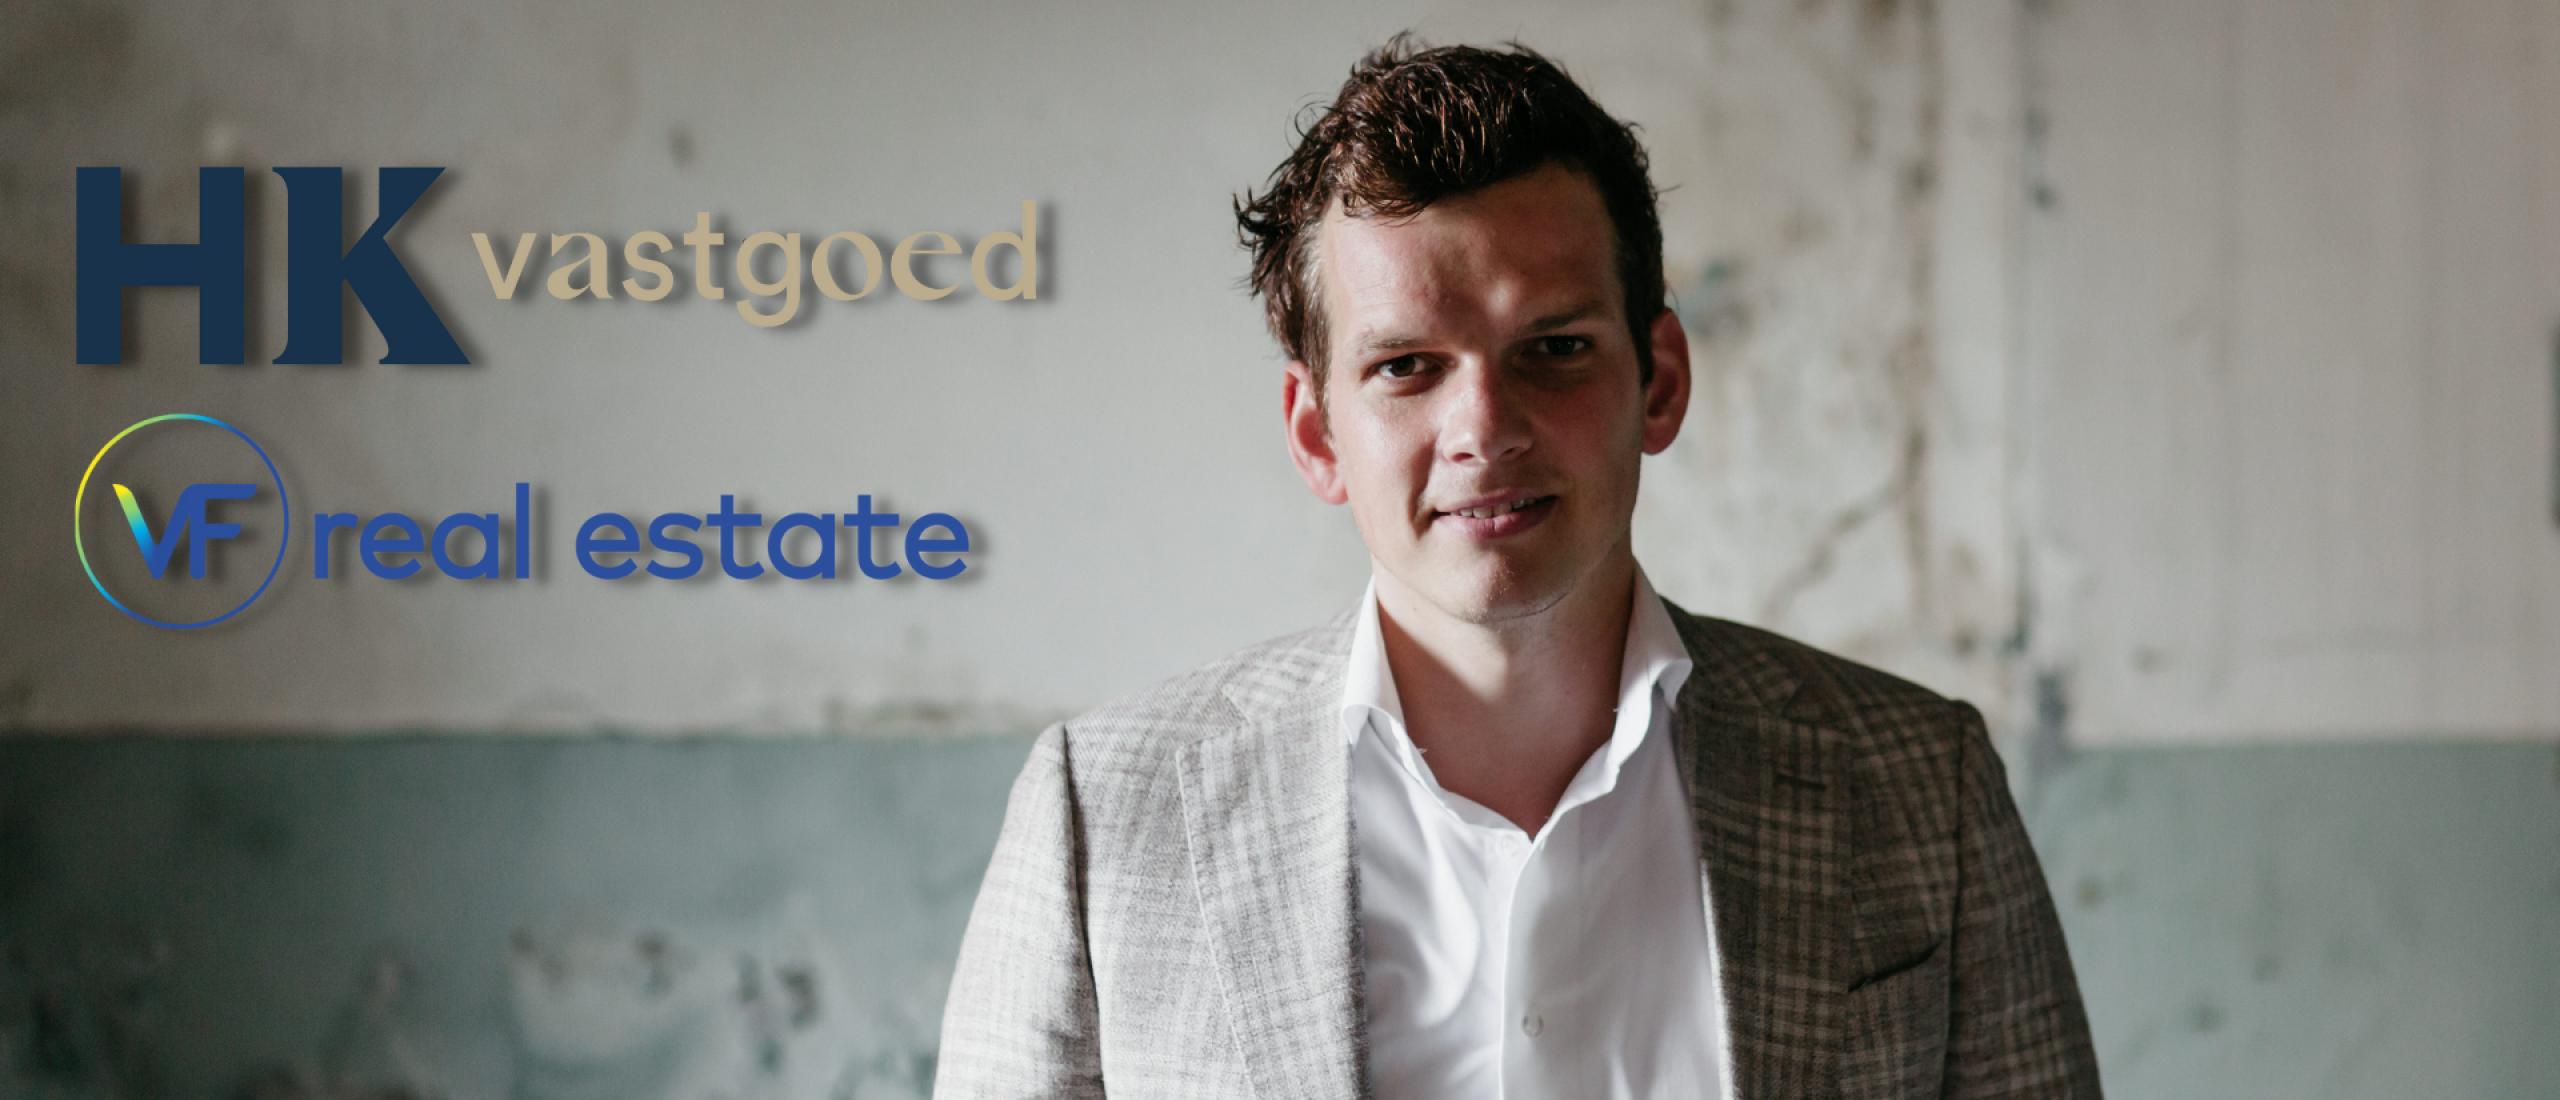 HK Vastgoed koopt woningbouwproject in Zeist met  kunstmatige intelligentie.